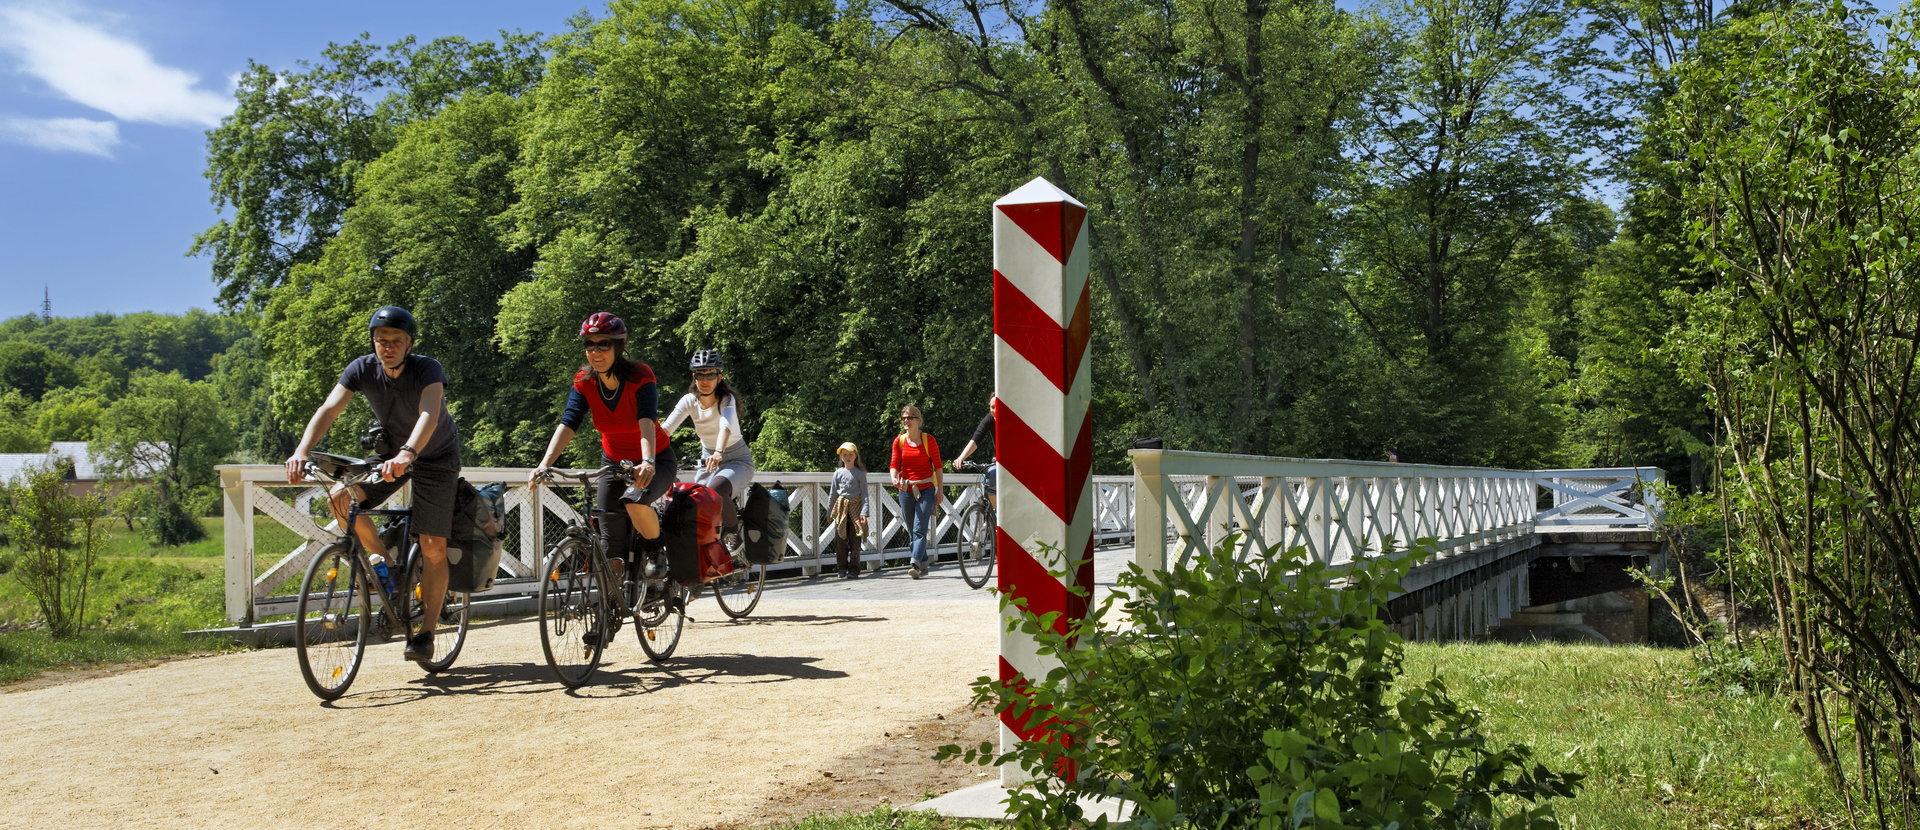 Oder-Neiße-Radweg Immer am Fluss entlang